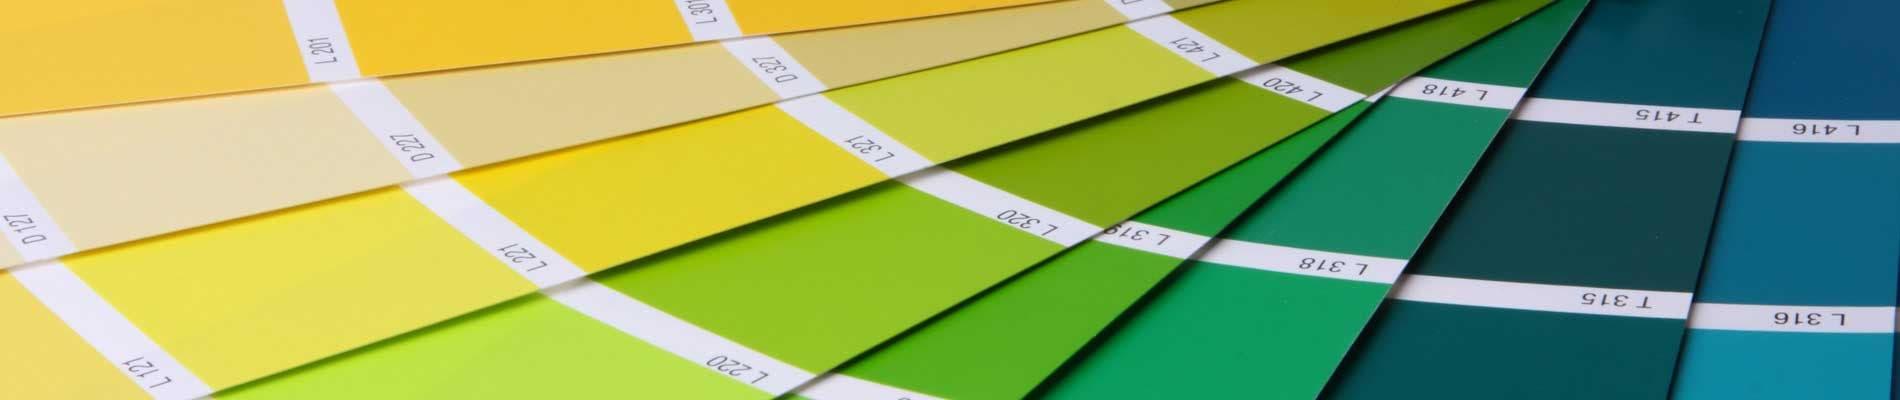 Diseño gráfico y producción editorial